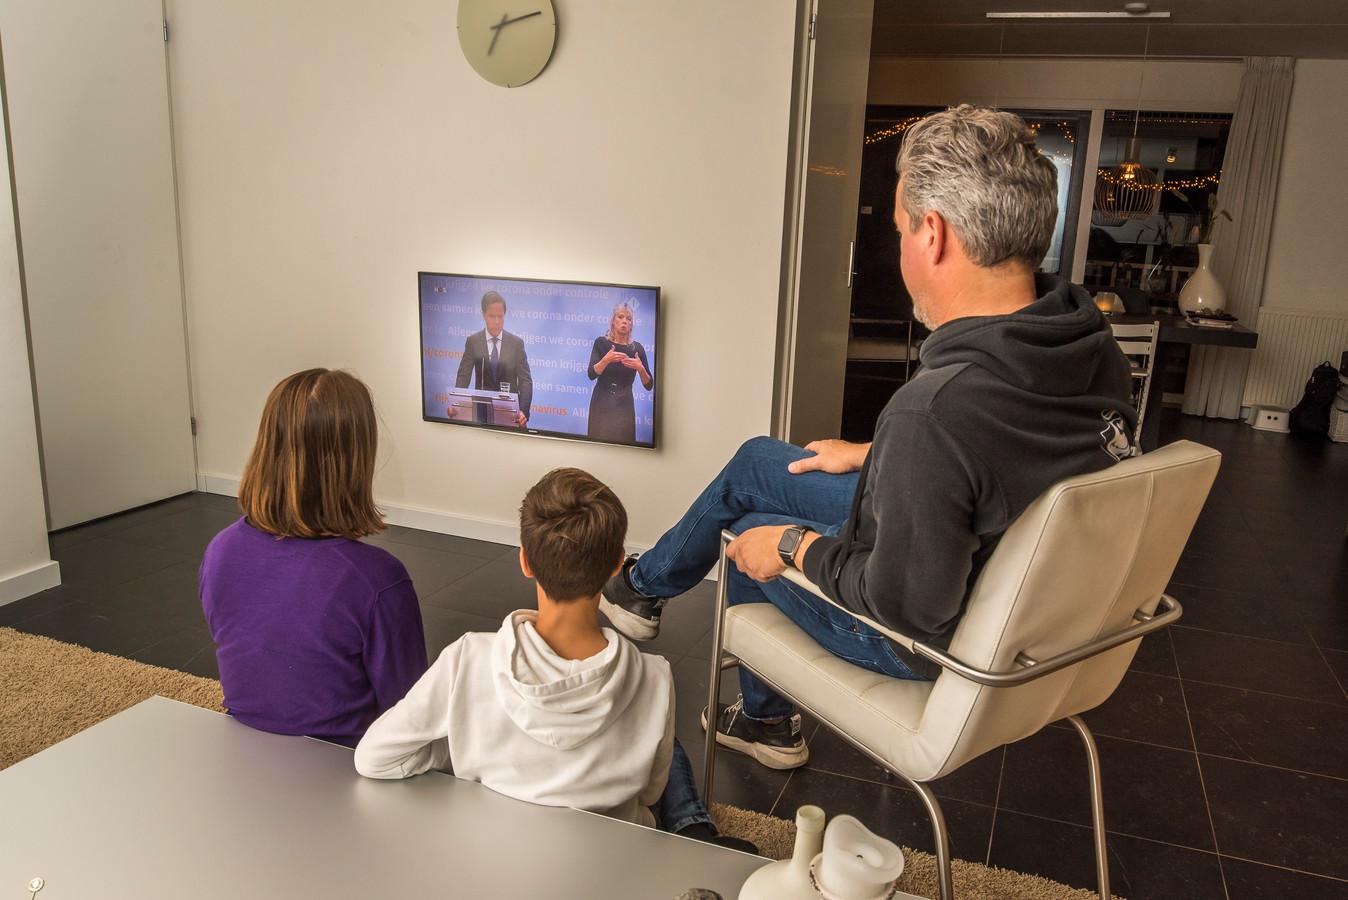 Directeur Johan de Jong van Metropool bekijkt de persconferentie van premier Rutte, samen met zijn kinderen Lena en Silvan.